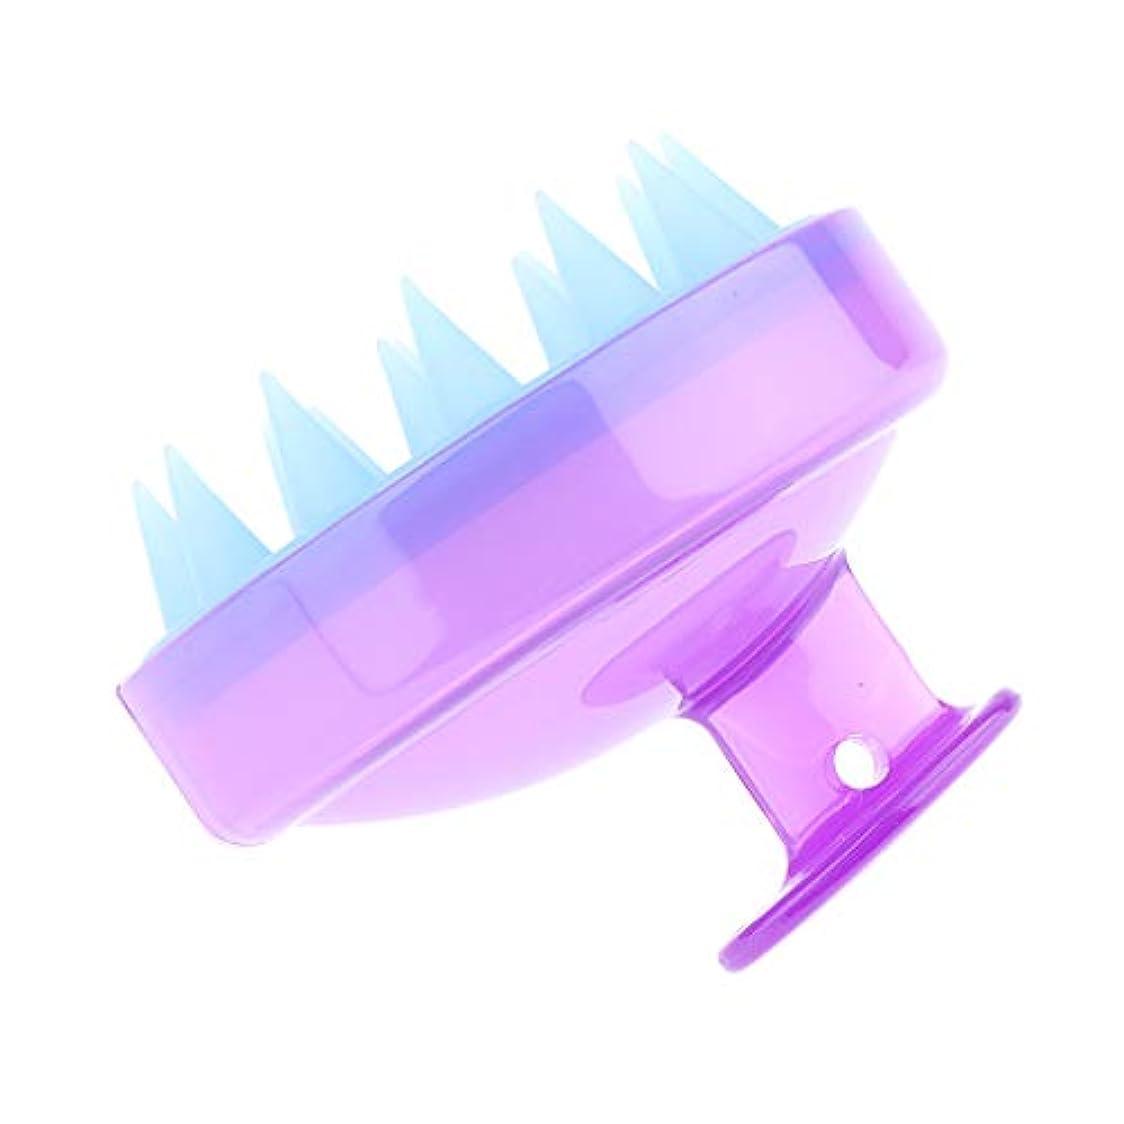 援助結び目異なるシリコン シャワーシャンプーブラシ マッサージャー 防水 超軽量 多色選べ - クリアパープル